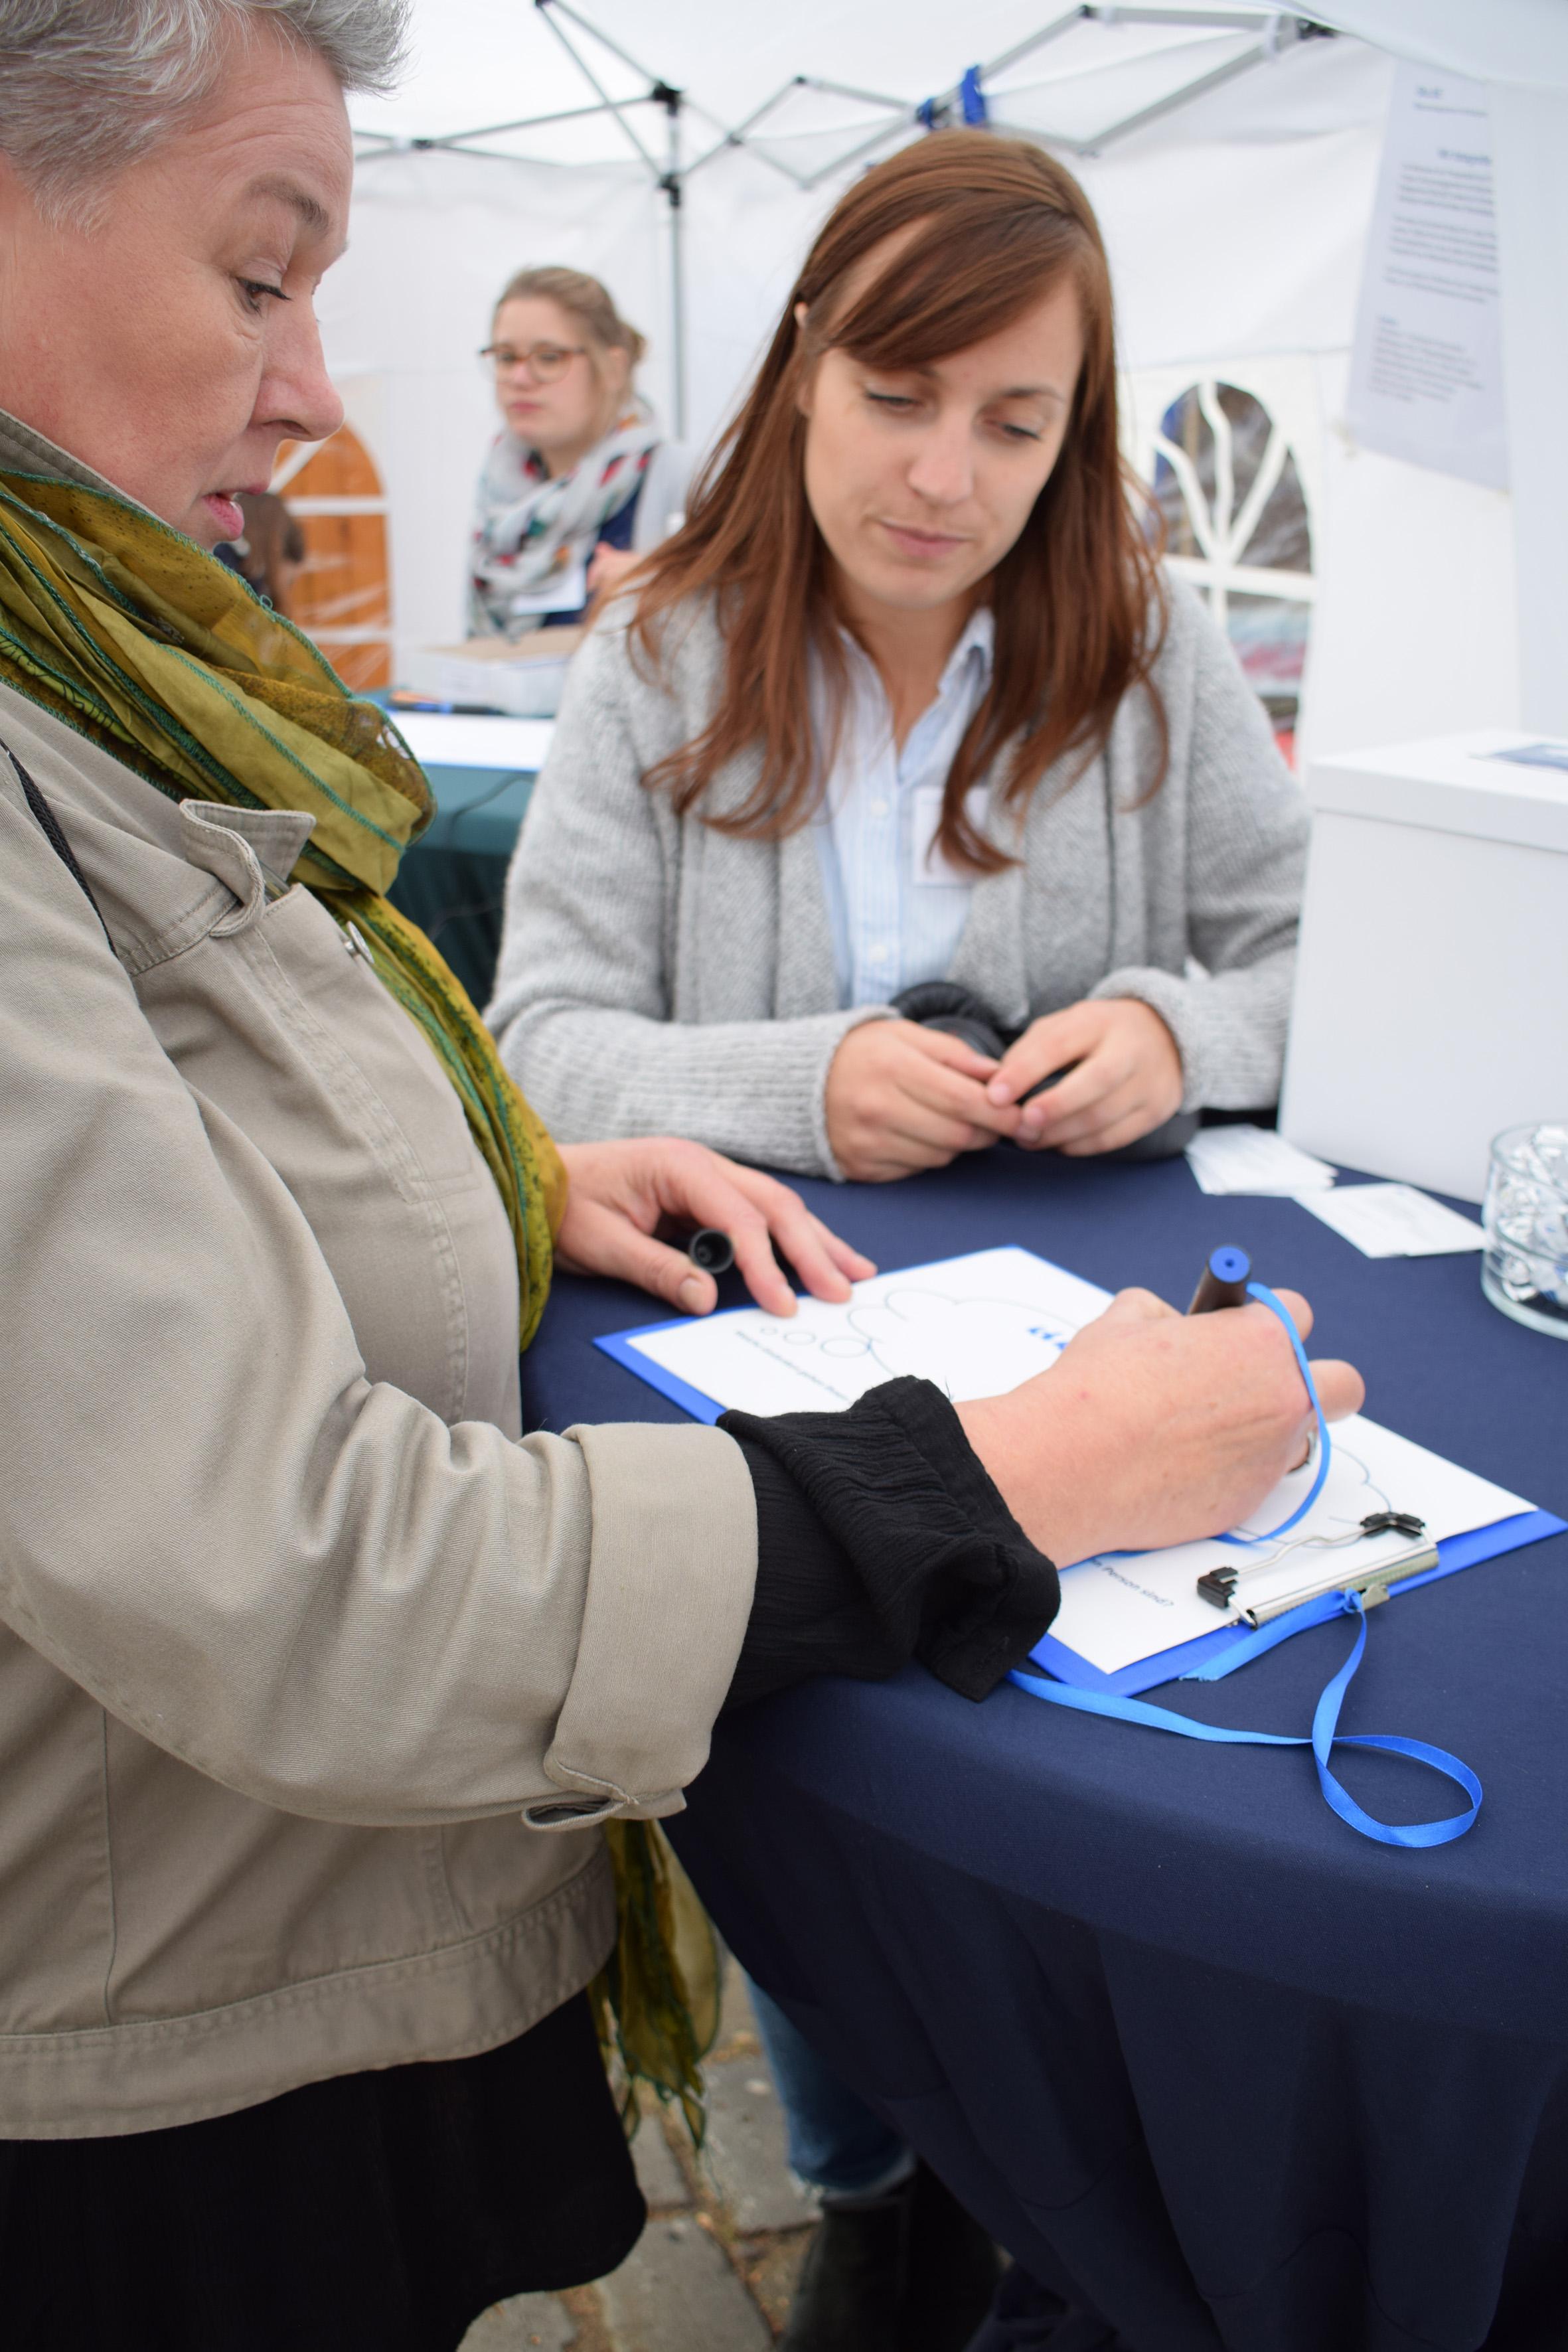 Teilnehmerin beantwortet Fragen